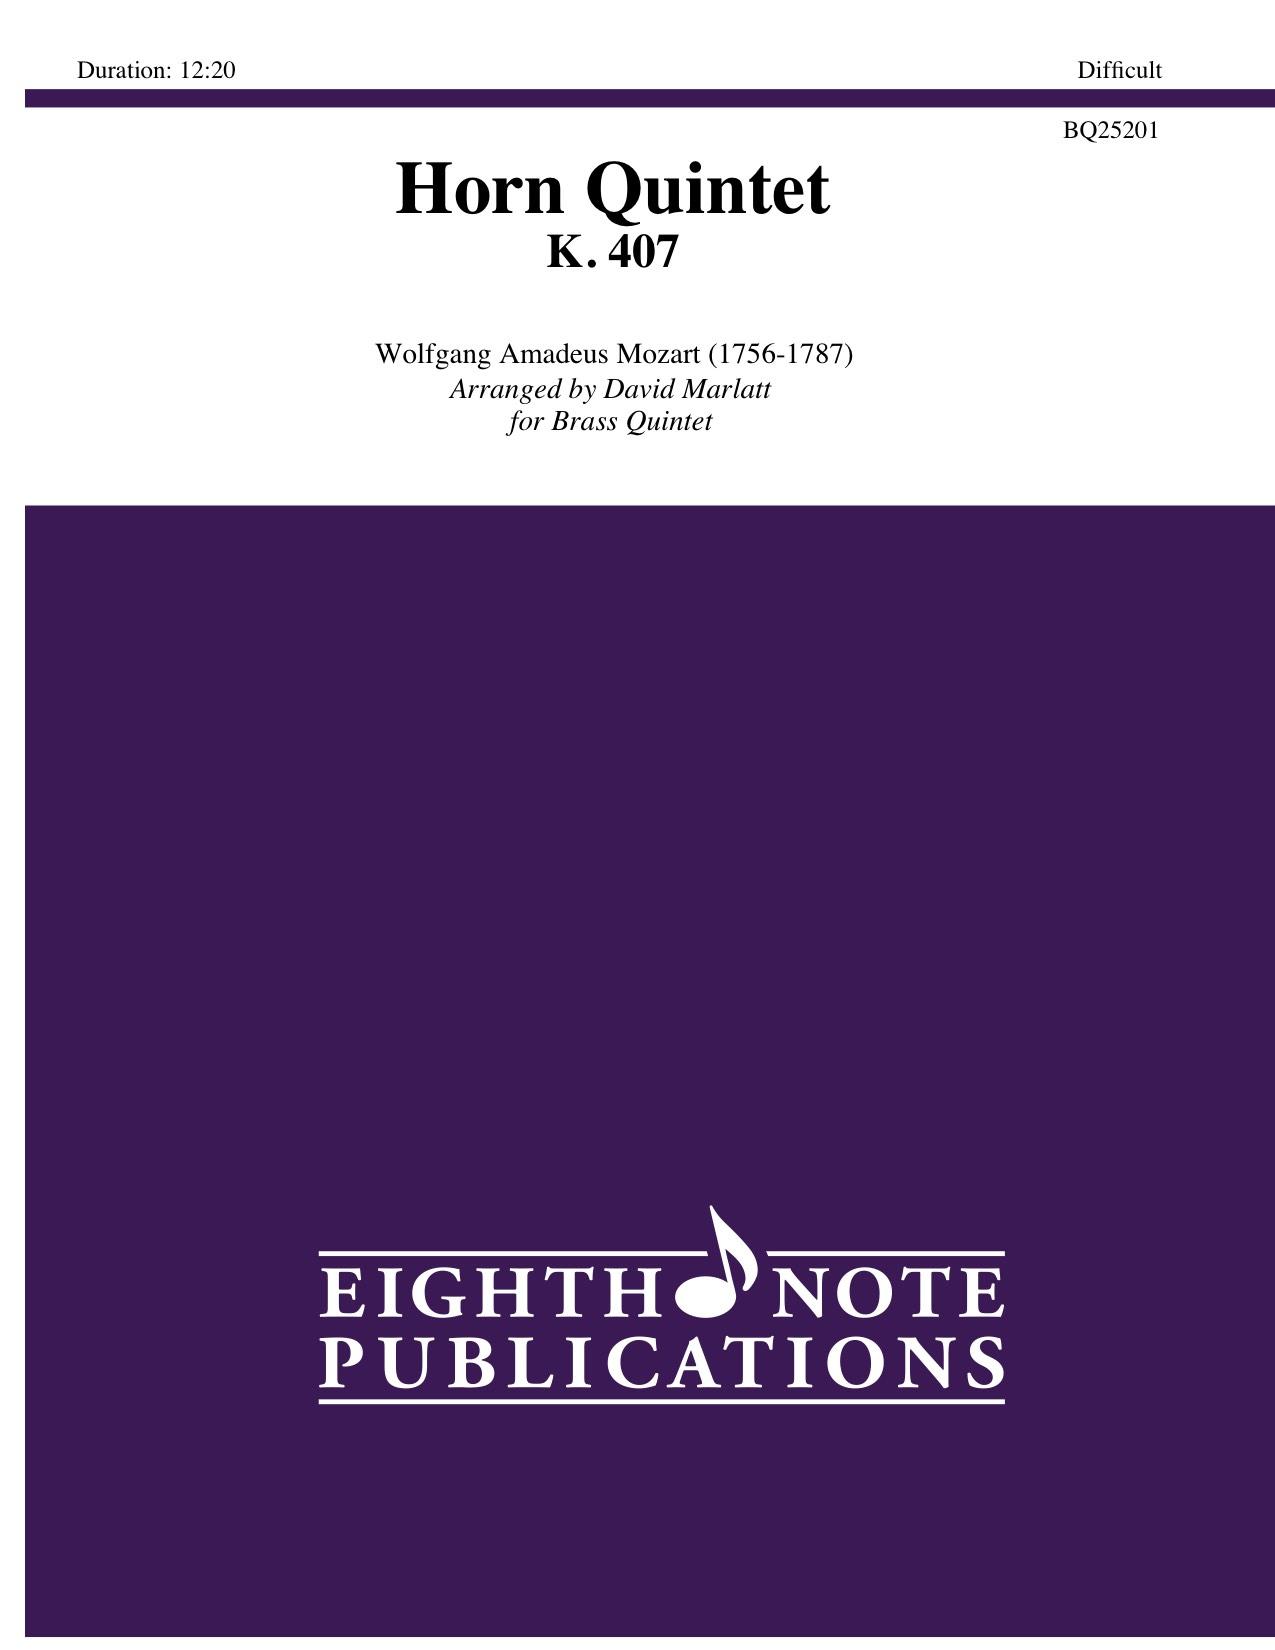 Horn Quintet  K. 407 - Wolfgang Amadeus Mozart